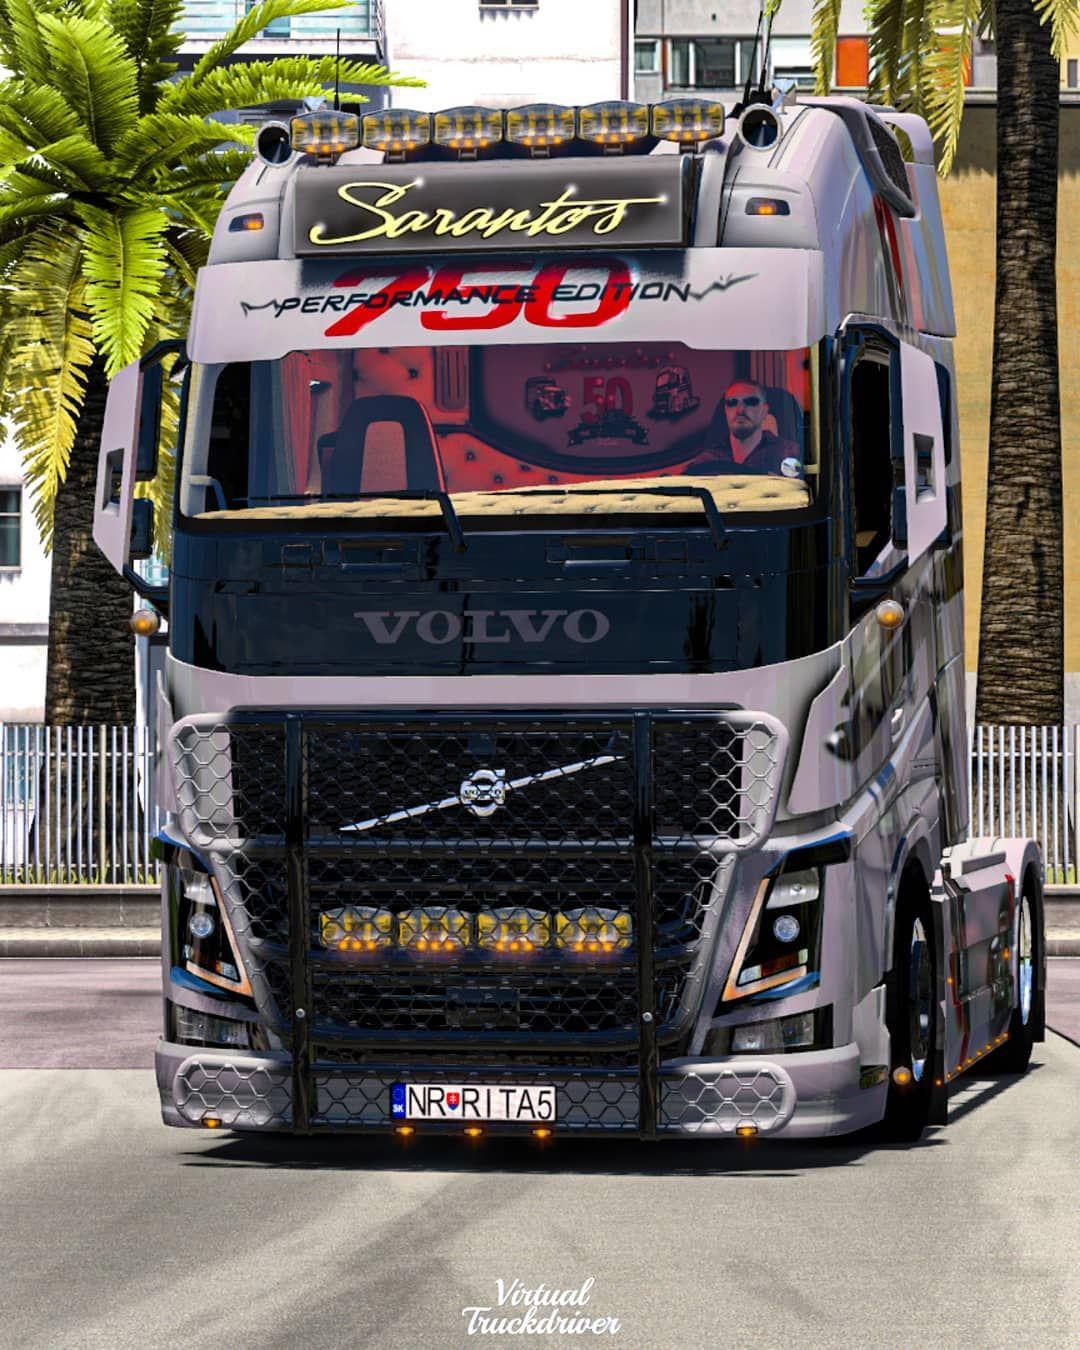 Virtual Truckdriver On Instagram Sarantos Petropoulos